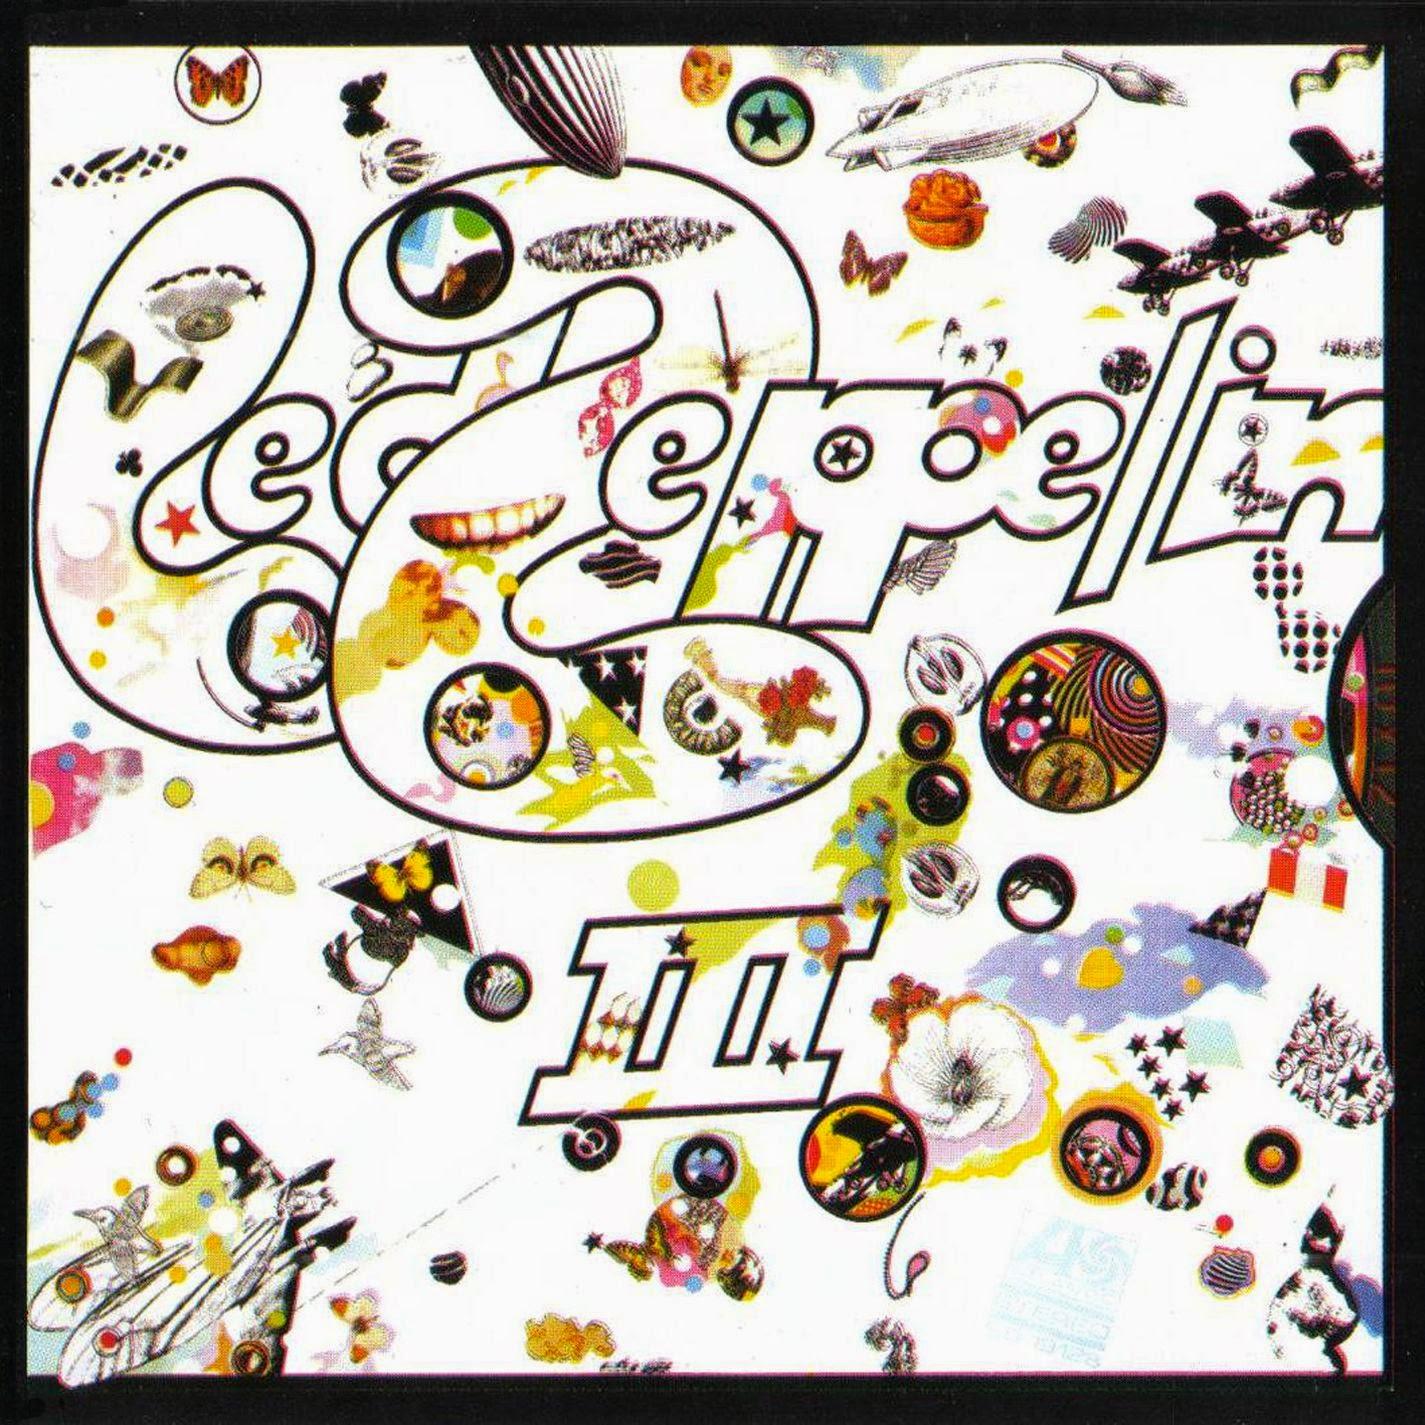 1970 - Led Zeppelin III